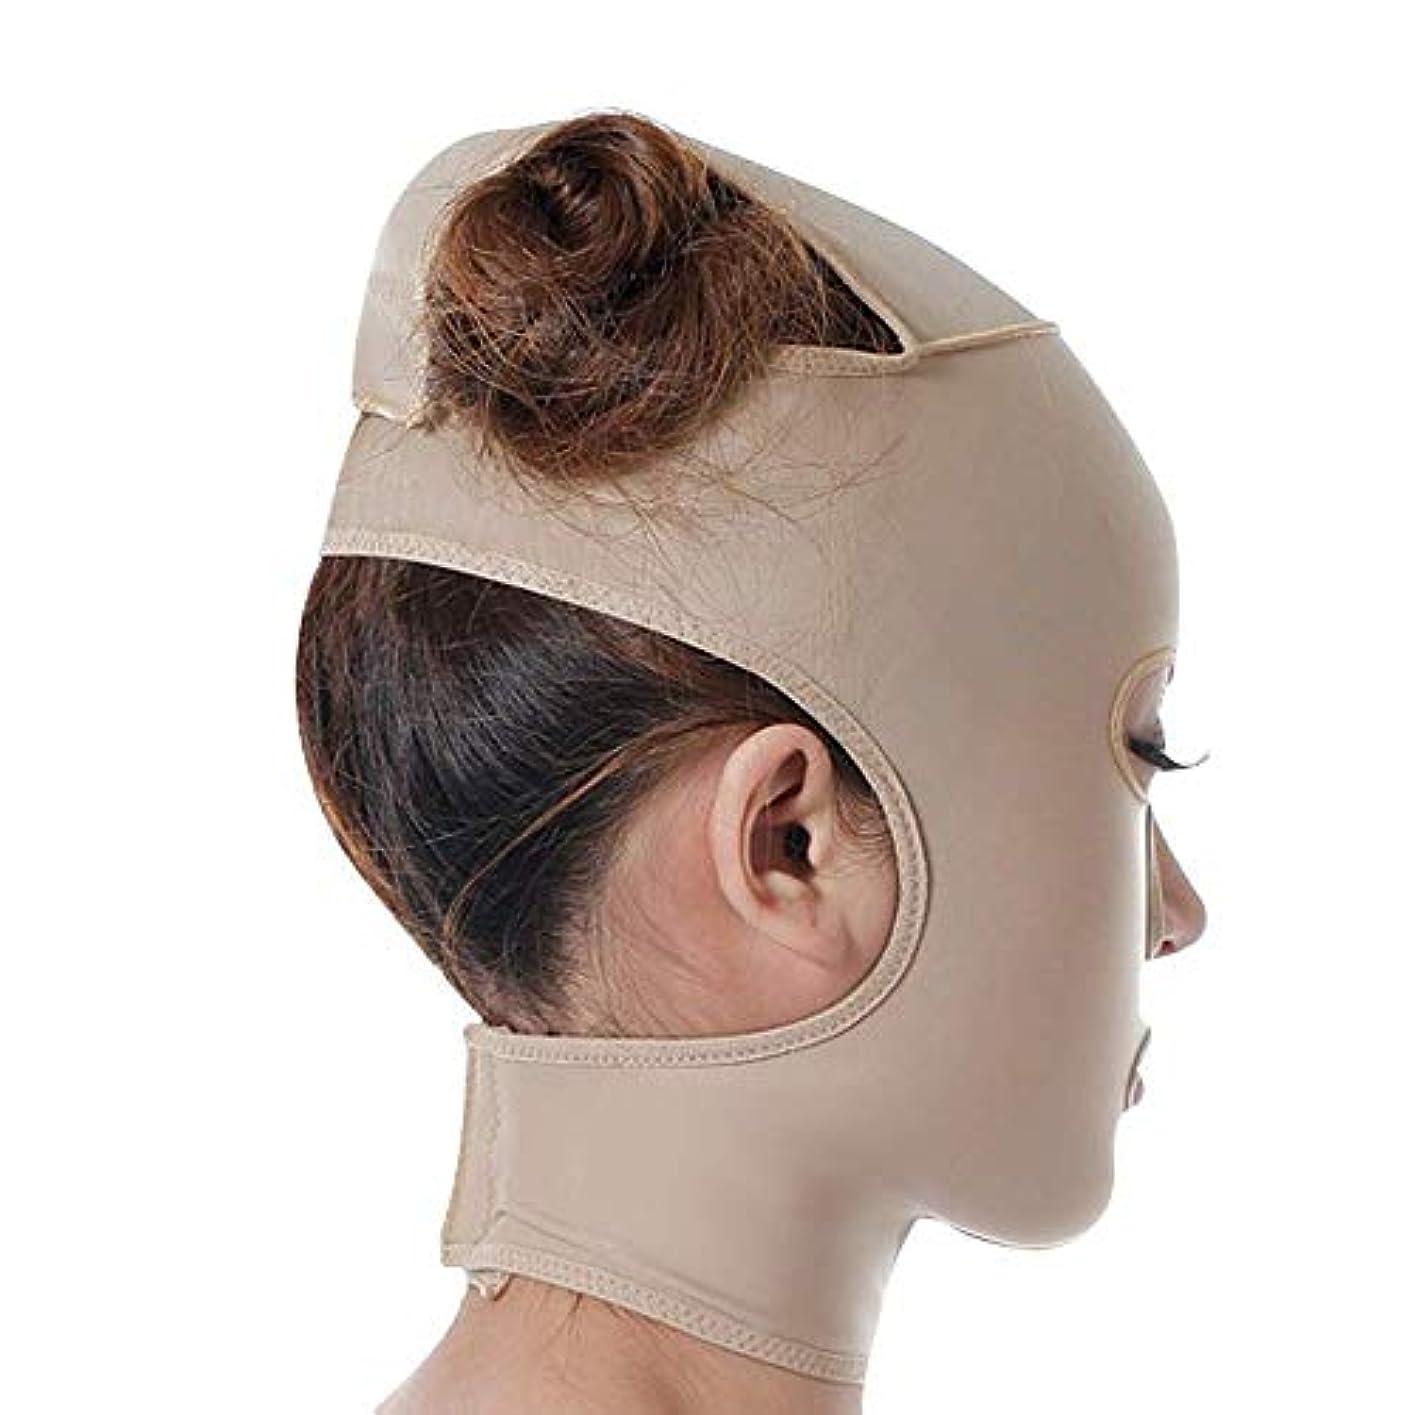 見物人上陸泥棒ファーミングフェイスマスク、フェイシャルマスクビューティーメディシンフェイスマスクビューティーVフェイスバンデージラインカービングリフティングファーミングダブルチンマスク(サイズ:Xl)